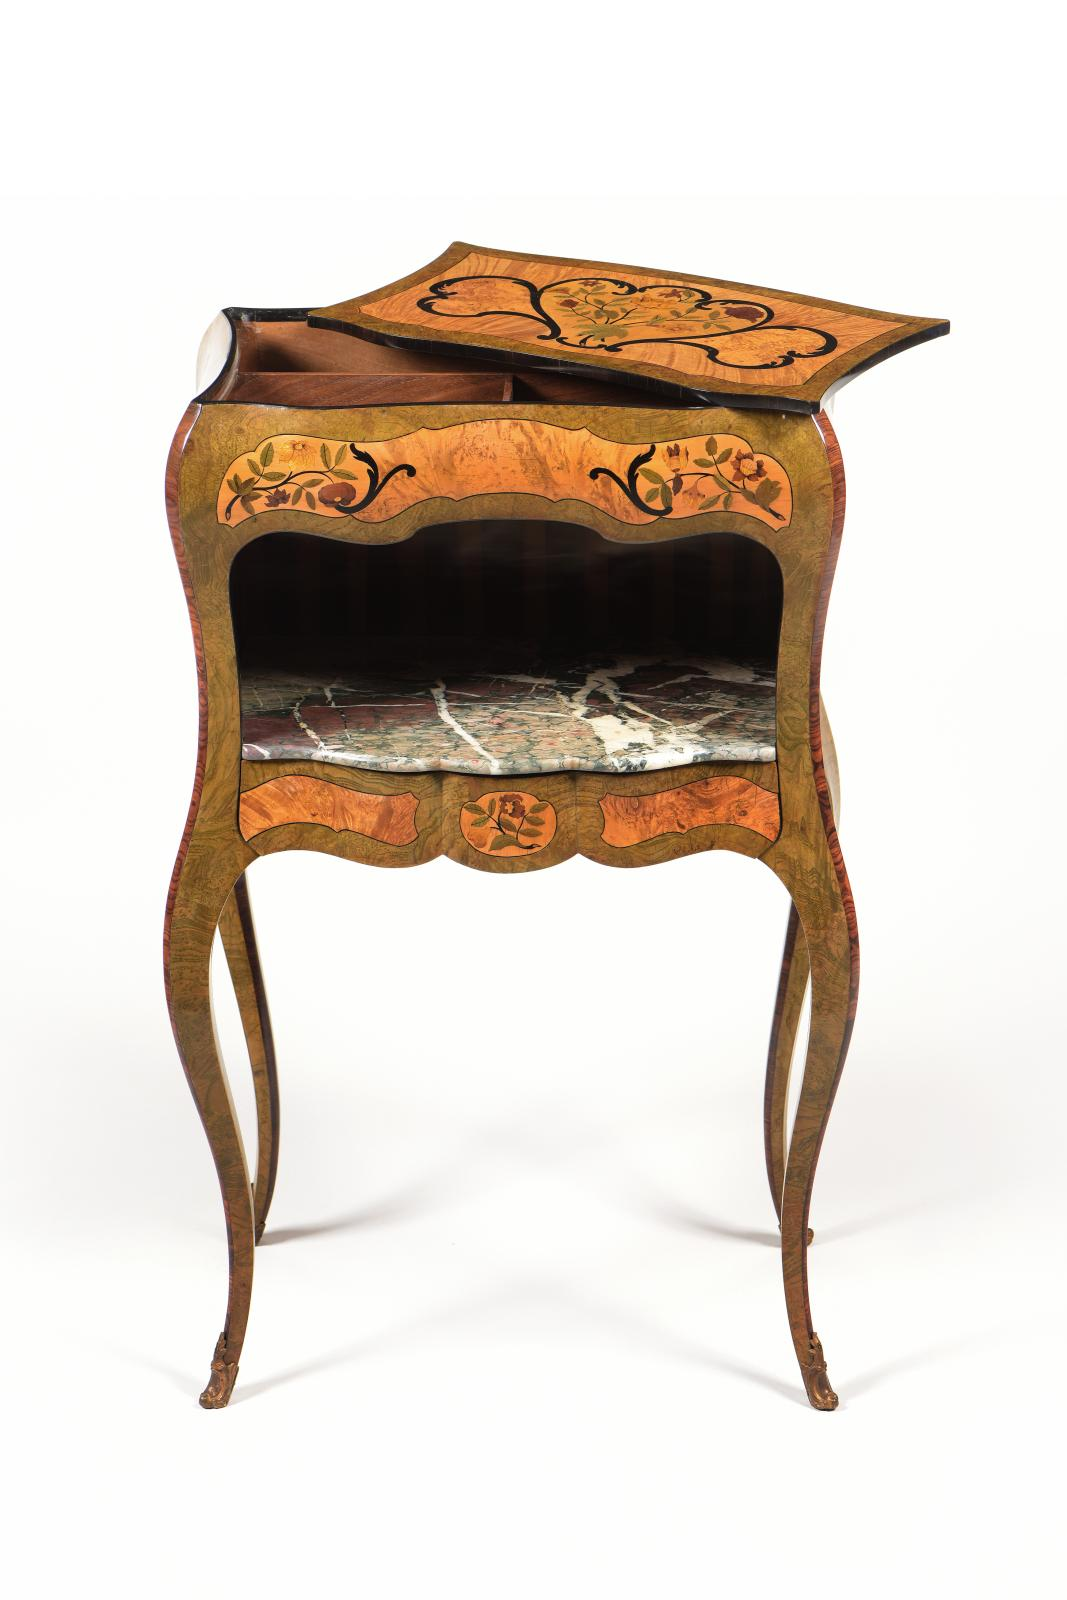 Jean-François Hache(1730-1796), vers 1760-1765, table de salon à ouvrage et à en-cas de milieu, noyer marqueté de loupes de sycomore et d'ébène, 48,5